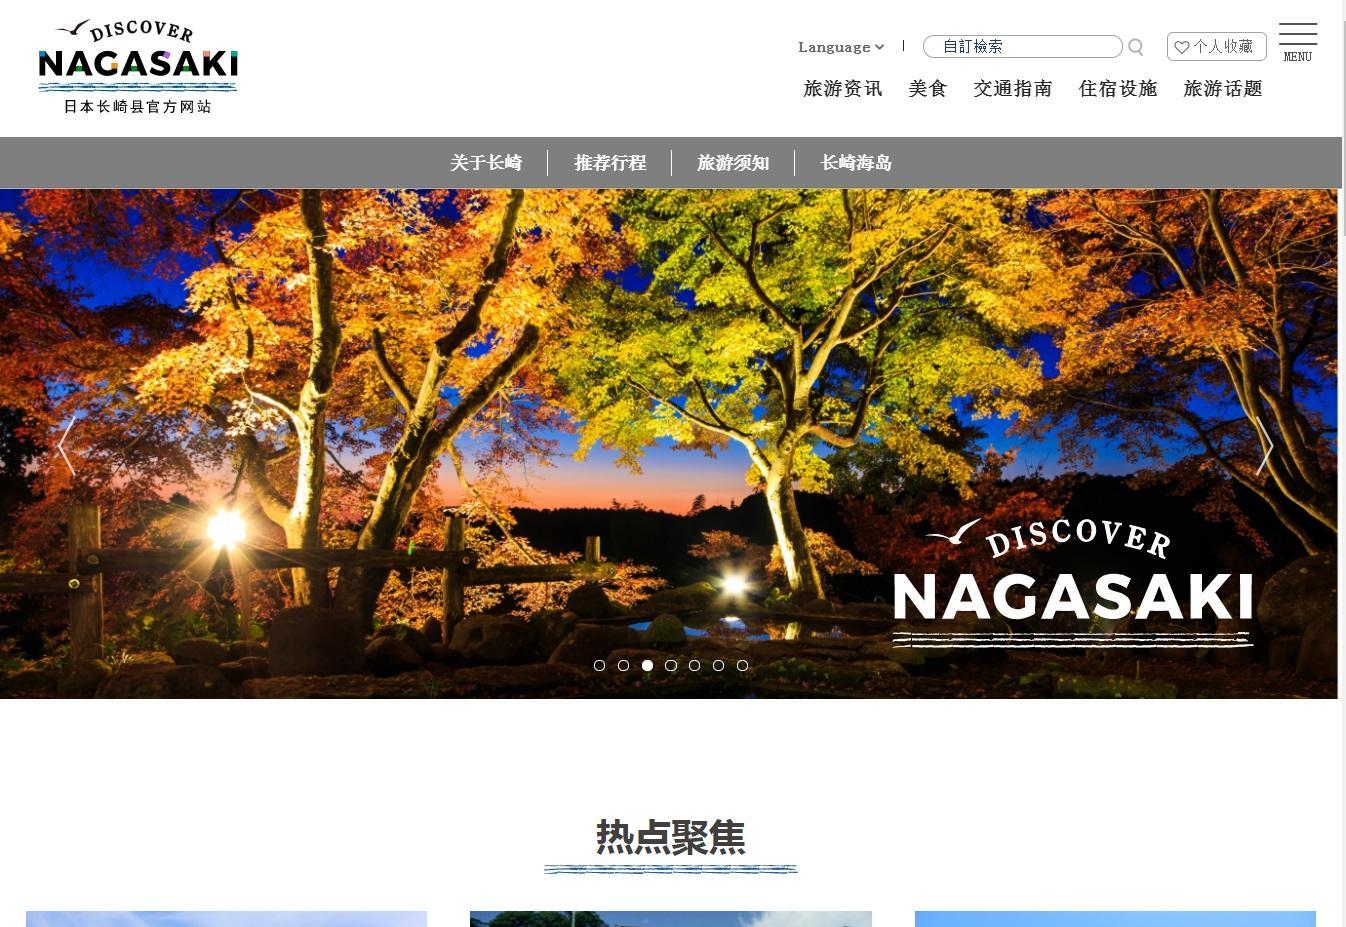 """长崎旅游资讯网从 11/30 日起正式更新为 """"DISCOVER NAGASAKI 日本长崎县官方网站""""-1"""